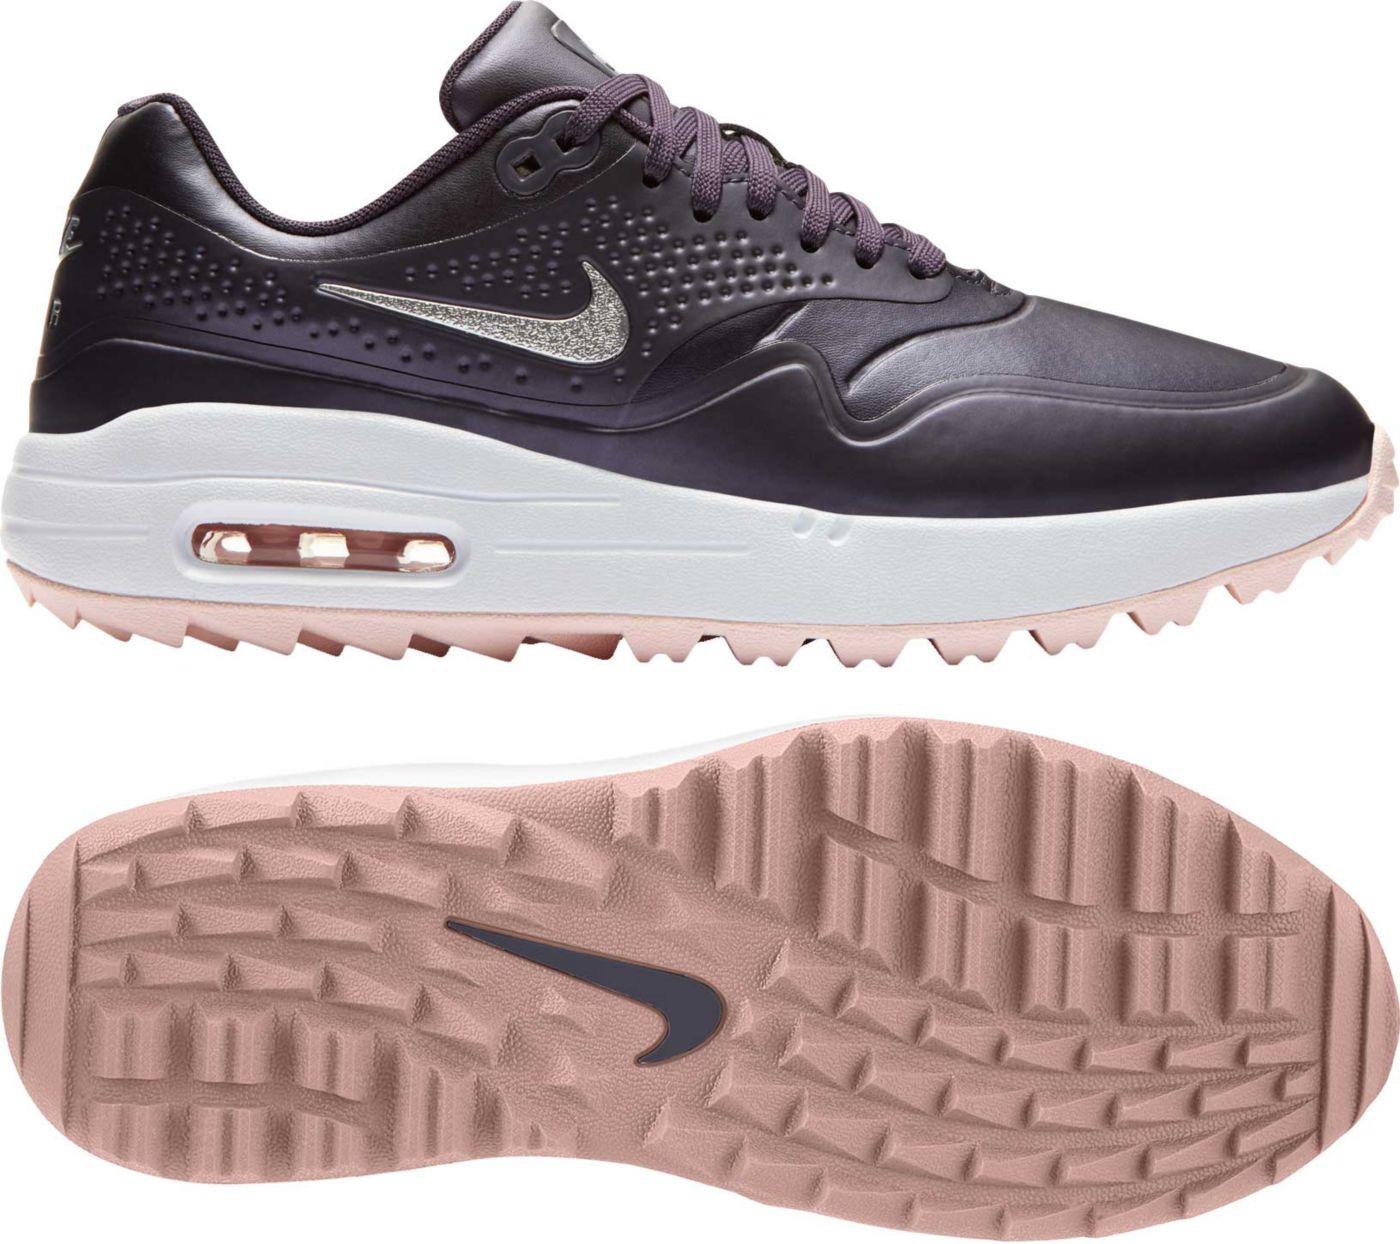 Nike Women's Air Max 1 G Golf Shoes